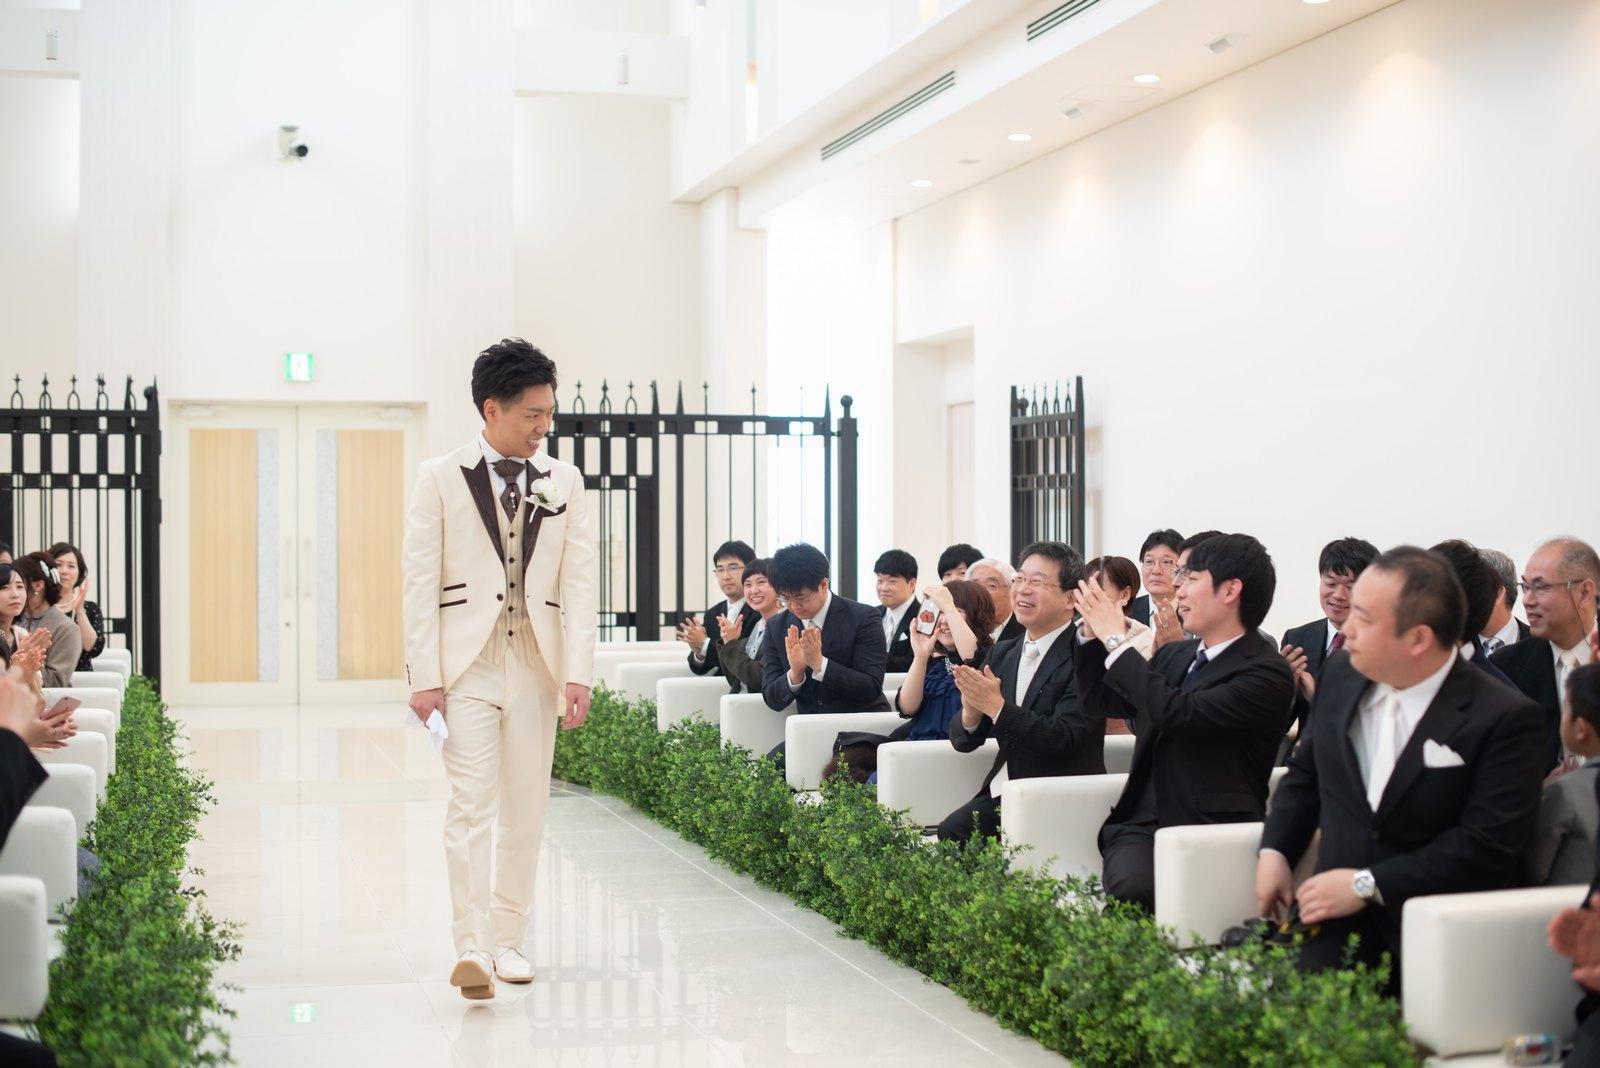 徳島市の結婚式場ブランアンジュのチャペルに入場している新郎